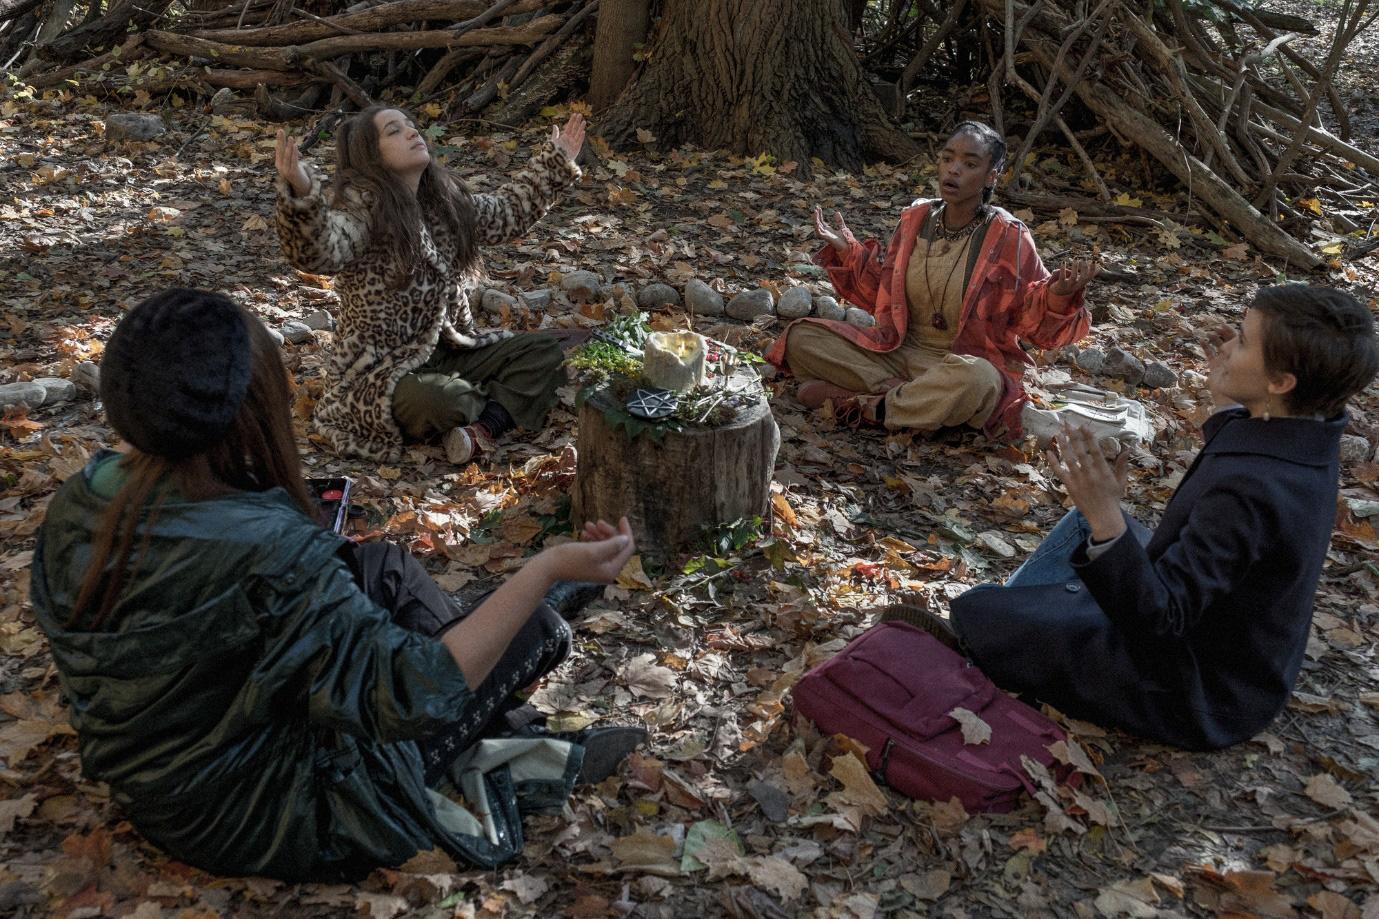 Phù Thủy Học Đường - Câu chuyện lôi cuốn và ma mị về các phù thủy tuổi teen vừa làm quen với phép thuật - Ảnh 6.